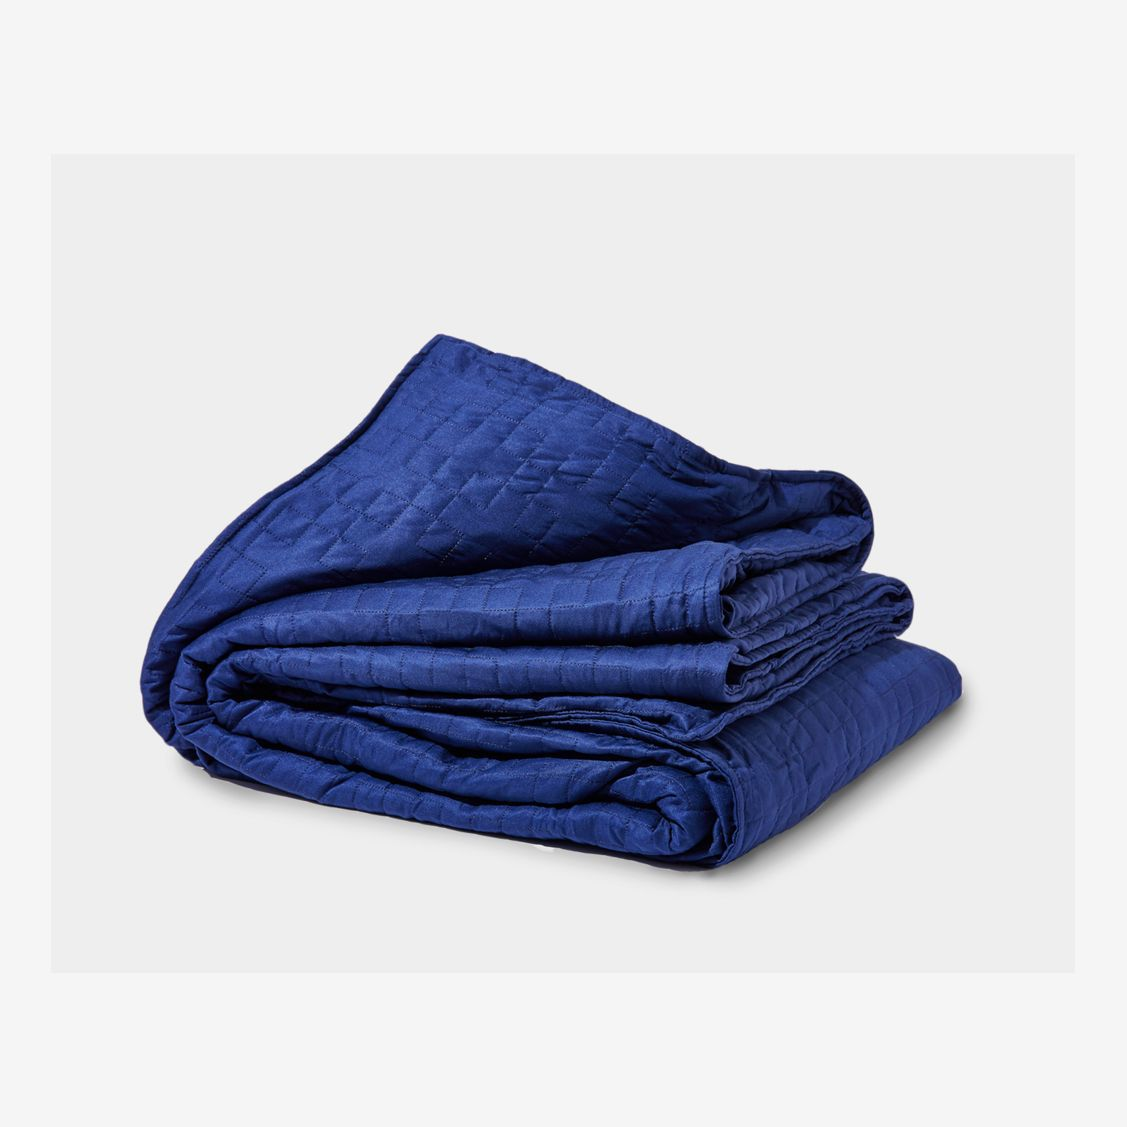 Folded indigo-colored blanket.